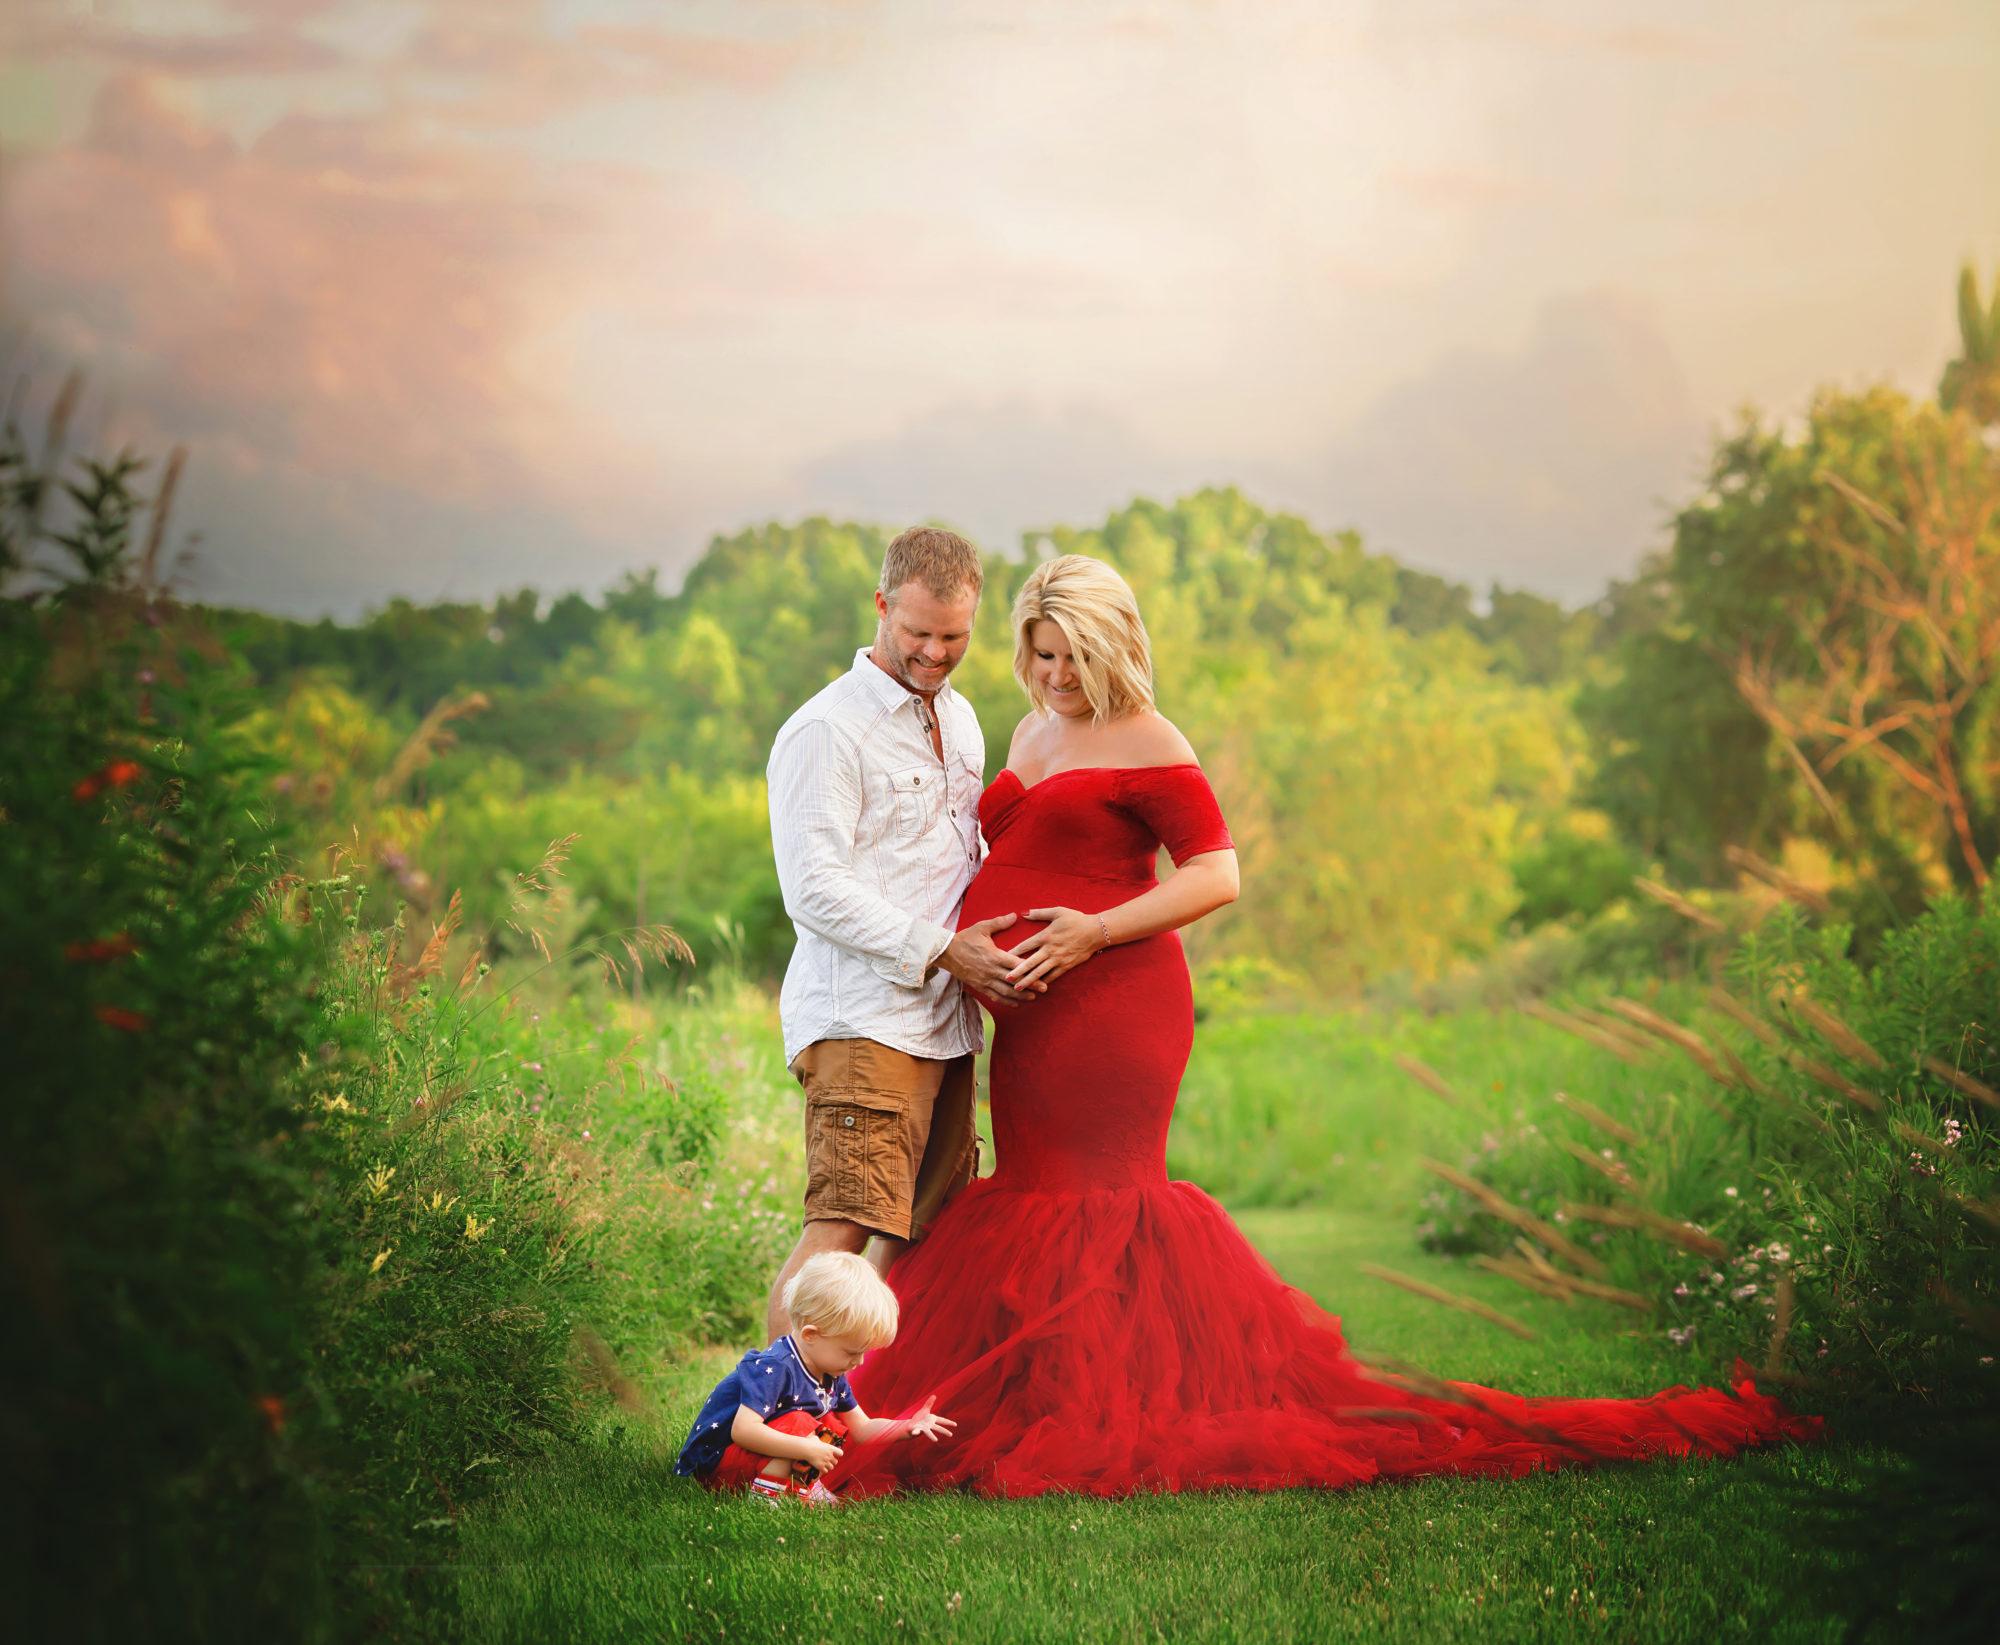 Cedar Rapids Photographer